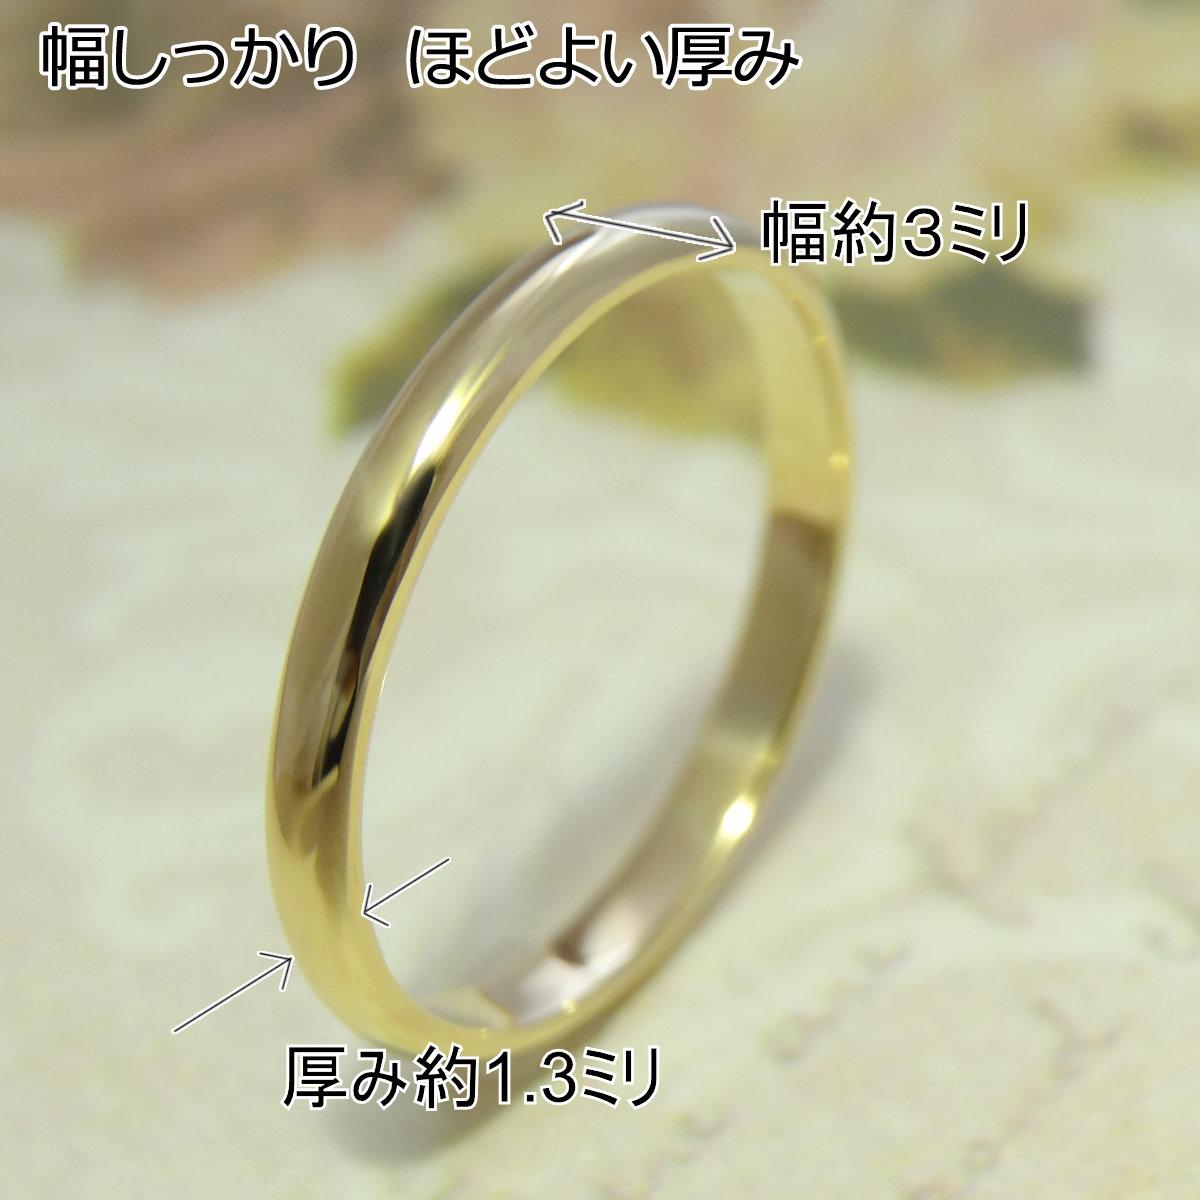 18金 K18 リング 3mm幅 レディース シンプル 甲丸 指輪 ゴールド 刻印